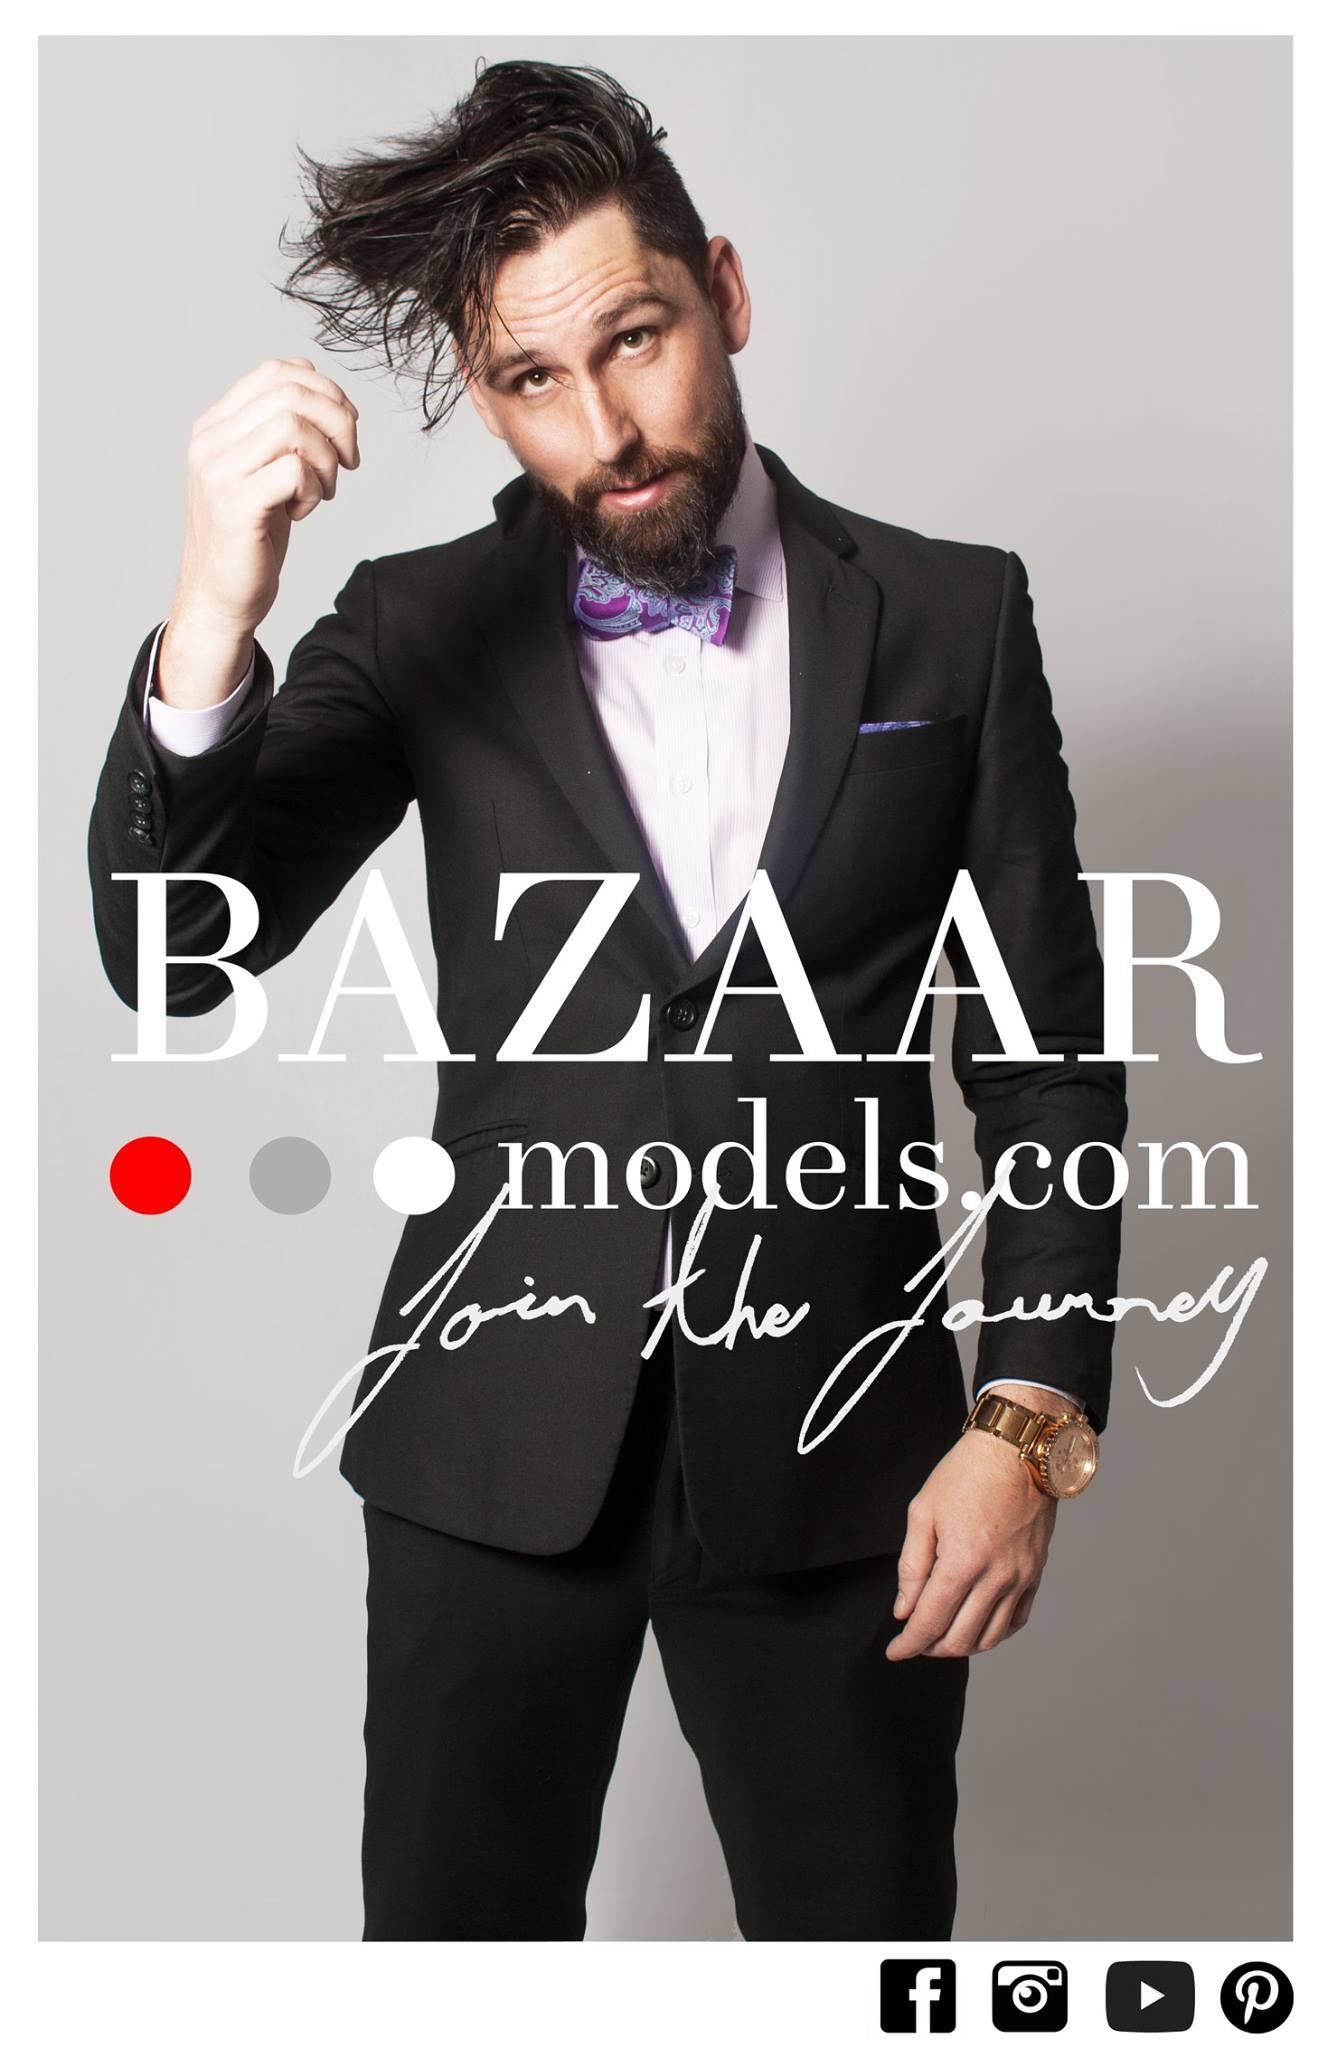 bazaar models.com